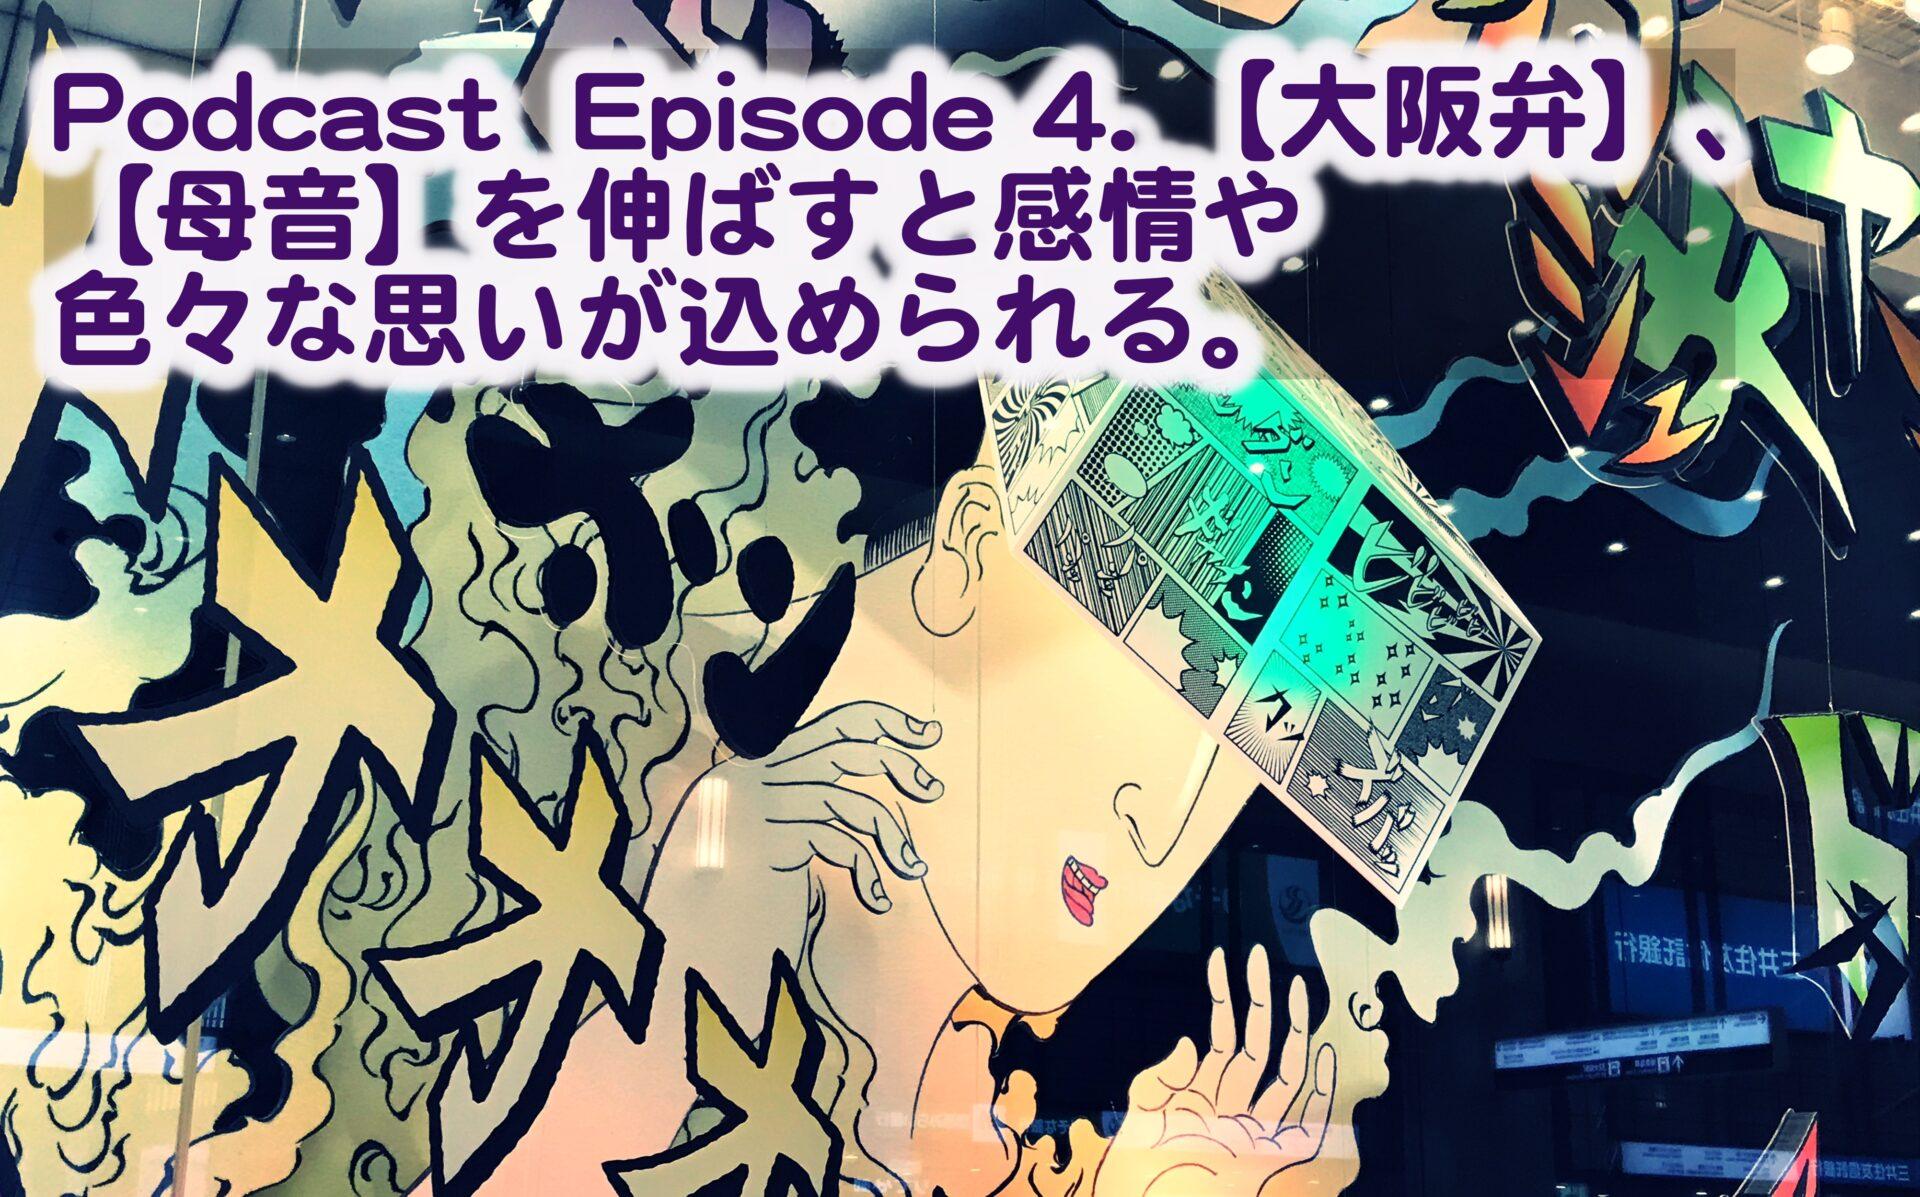 浮世絵風の女性の画像に、Podcast Episode 4. 【大阪弁】、 【母音】を伸ばすと感情や 色々な思いが込められる、と書かれている